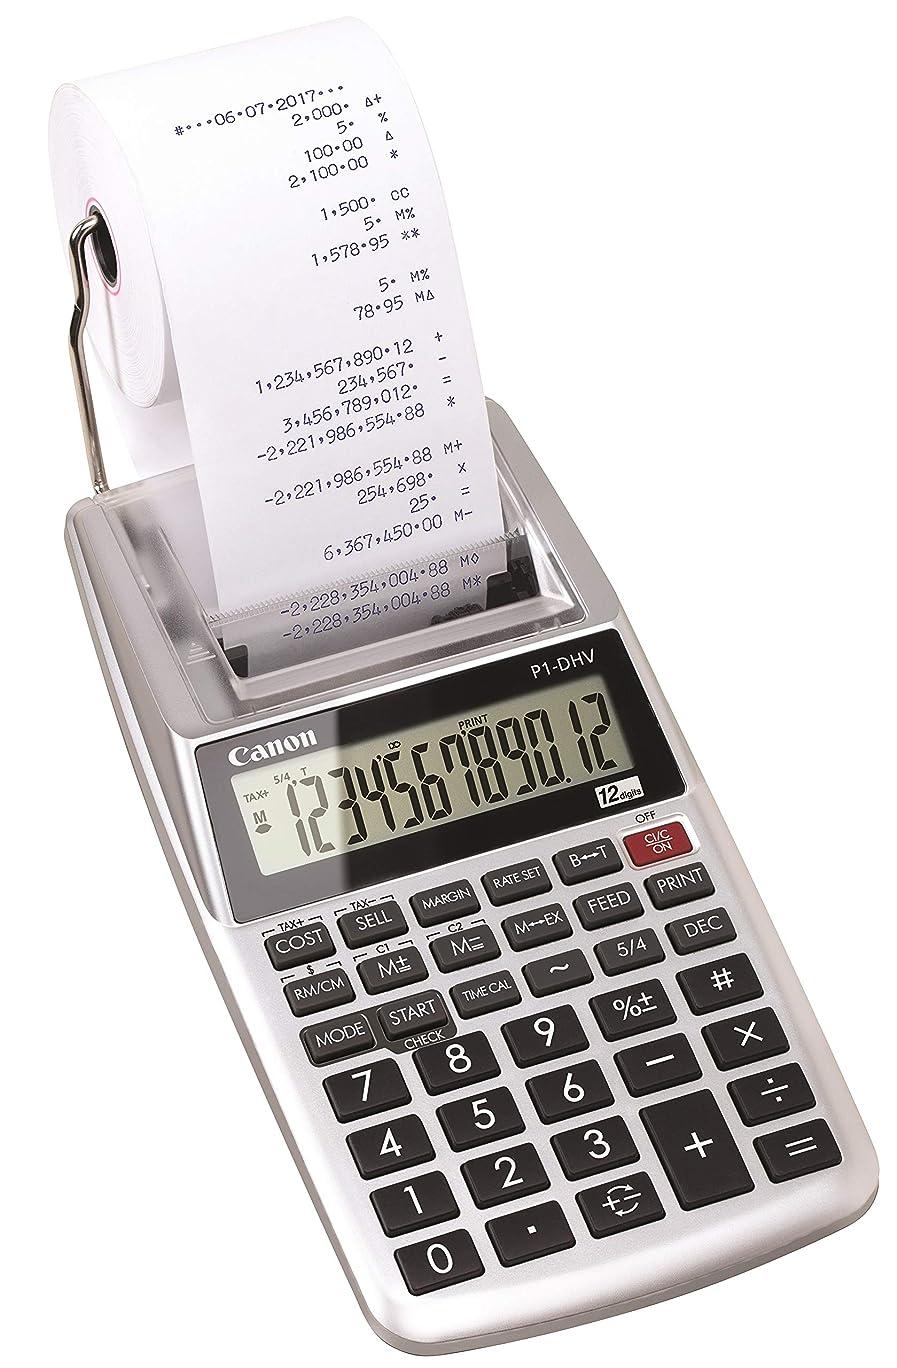 絶対にアンププランテーションCanon プリンタ電卓 P1-DHV-3 算式タイプ